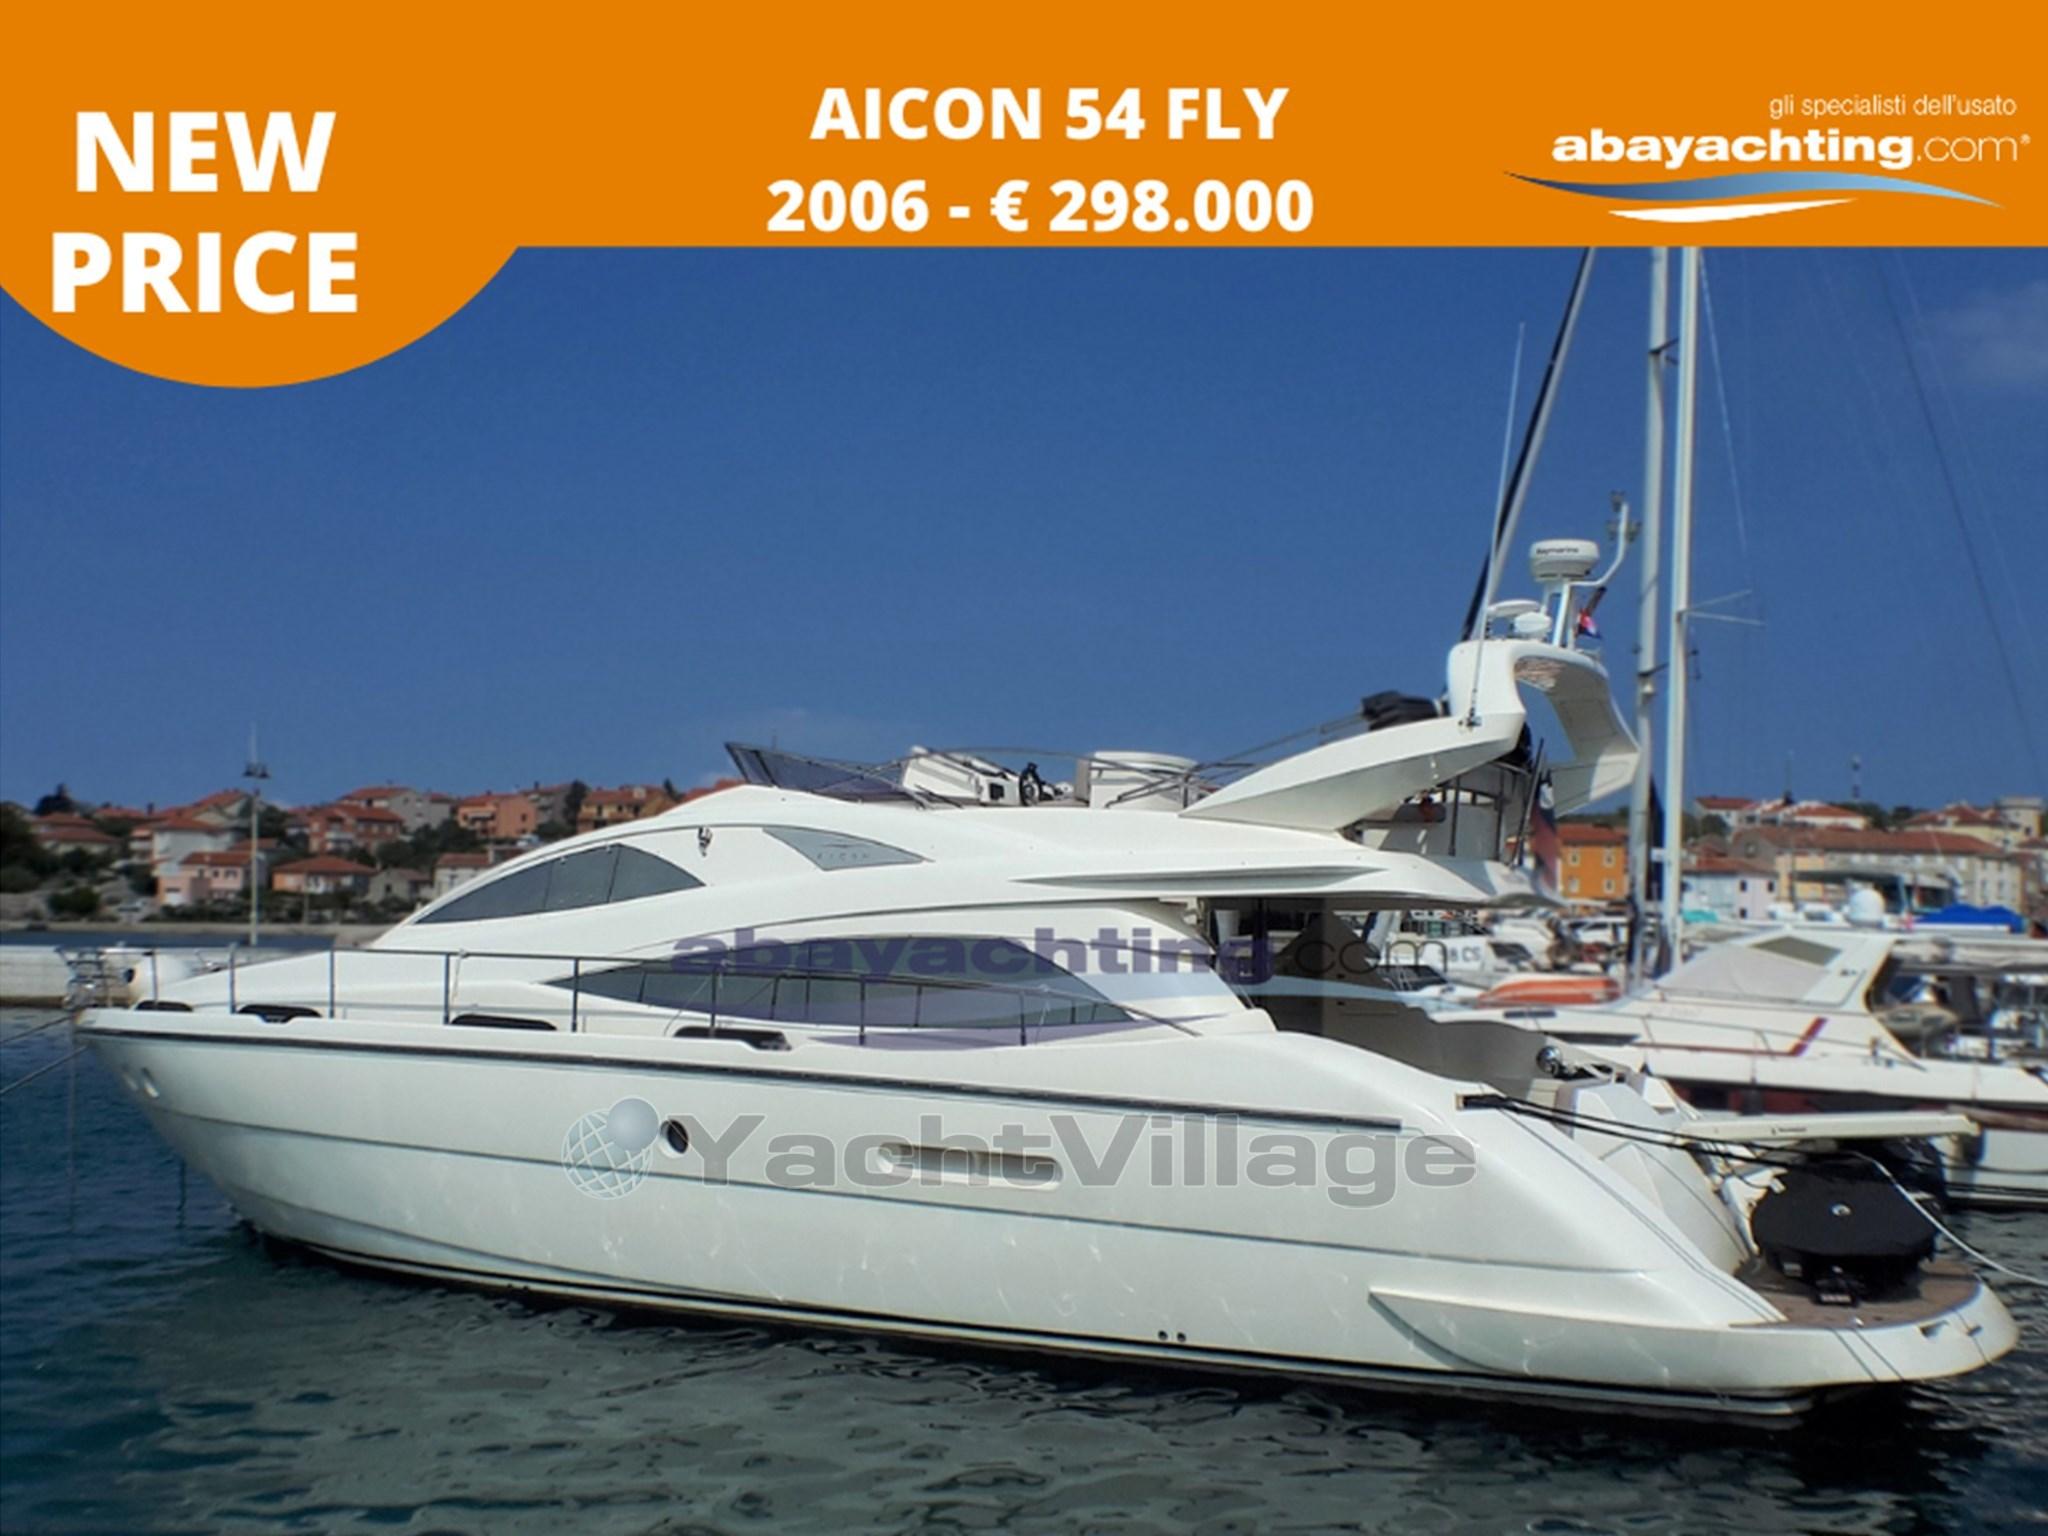 Abayachting Nuovo prezzo Aicon 54